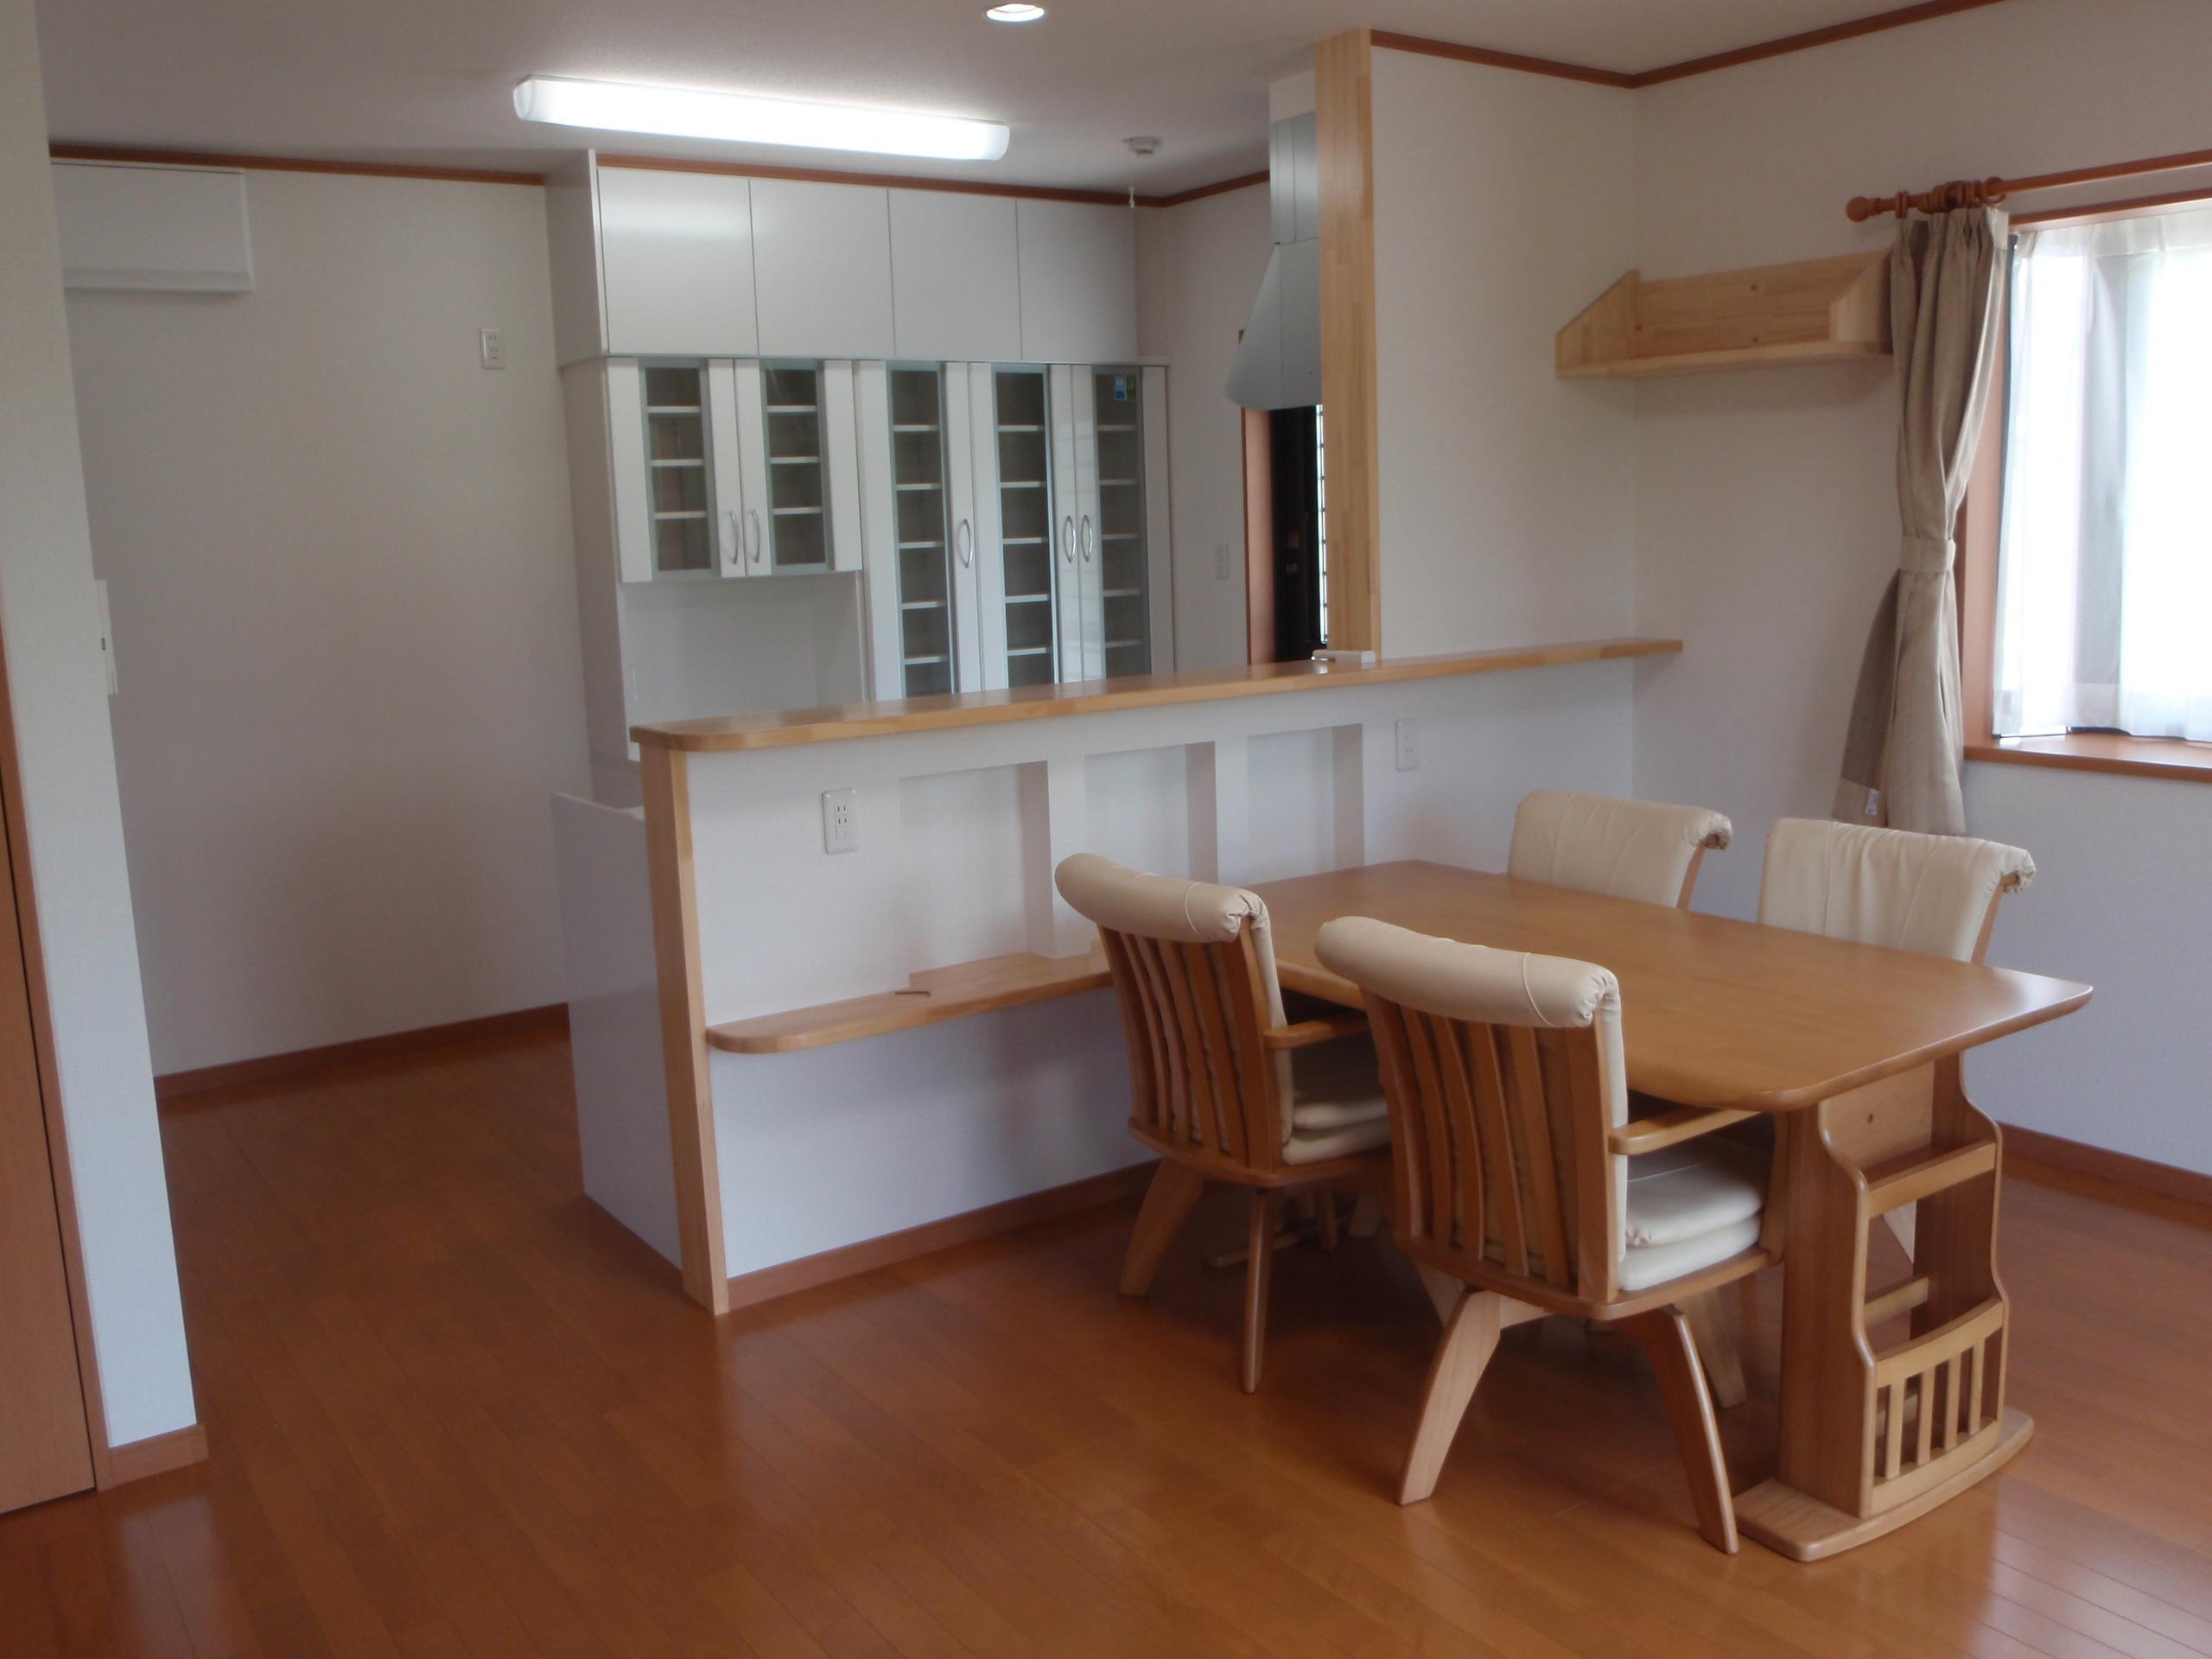 LDK~キッチン カウンター下の収納棚も特徴です。